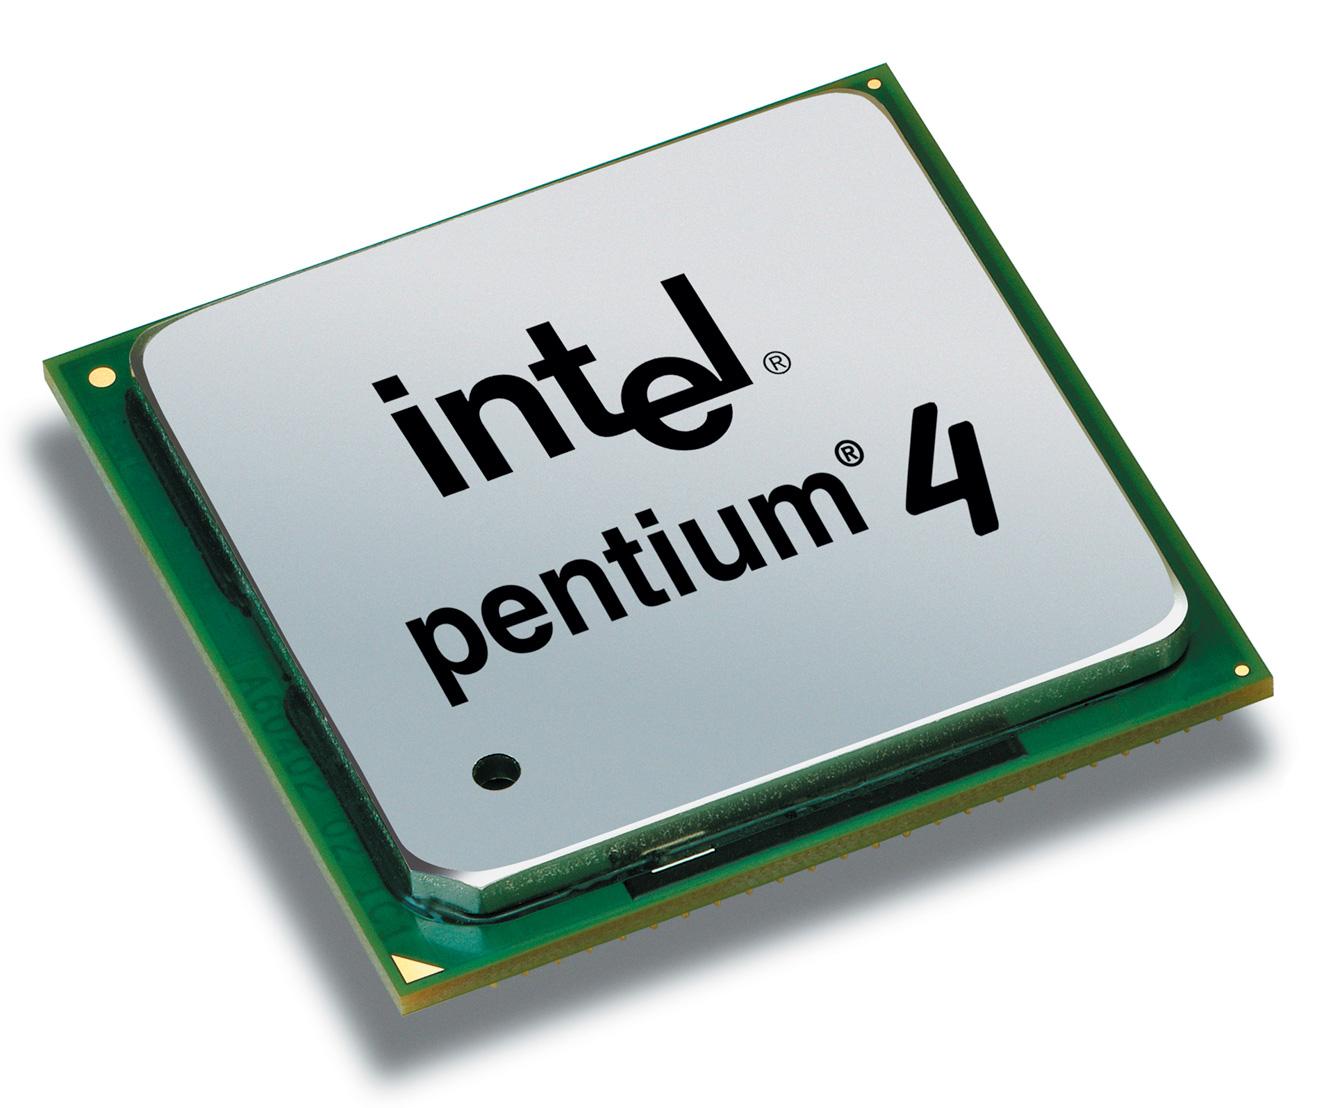 Intel Pentium 4 2.80GHz